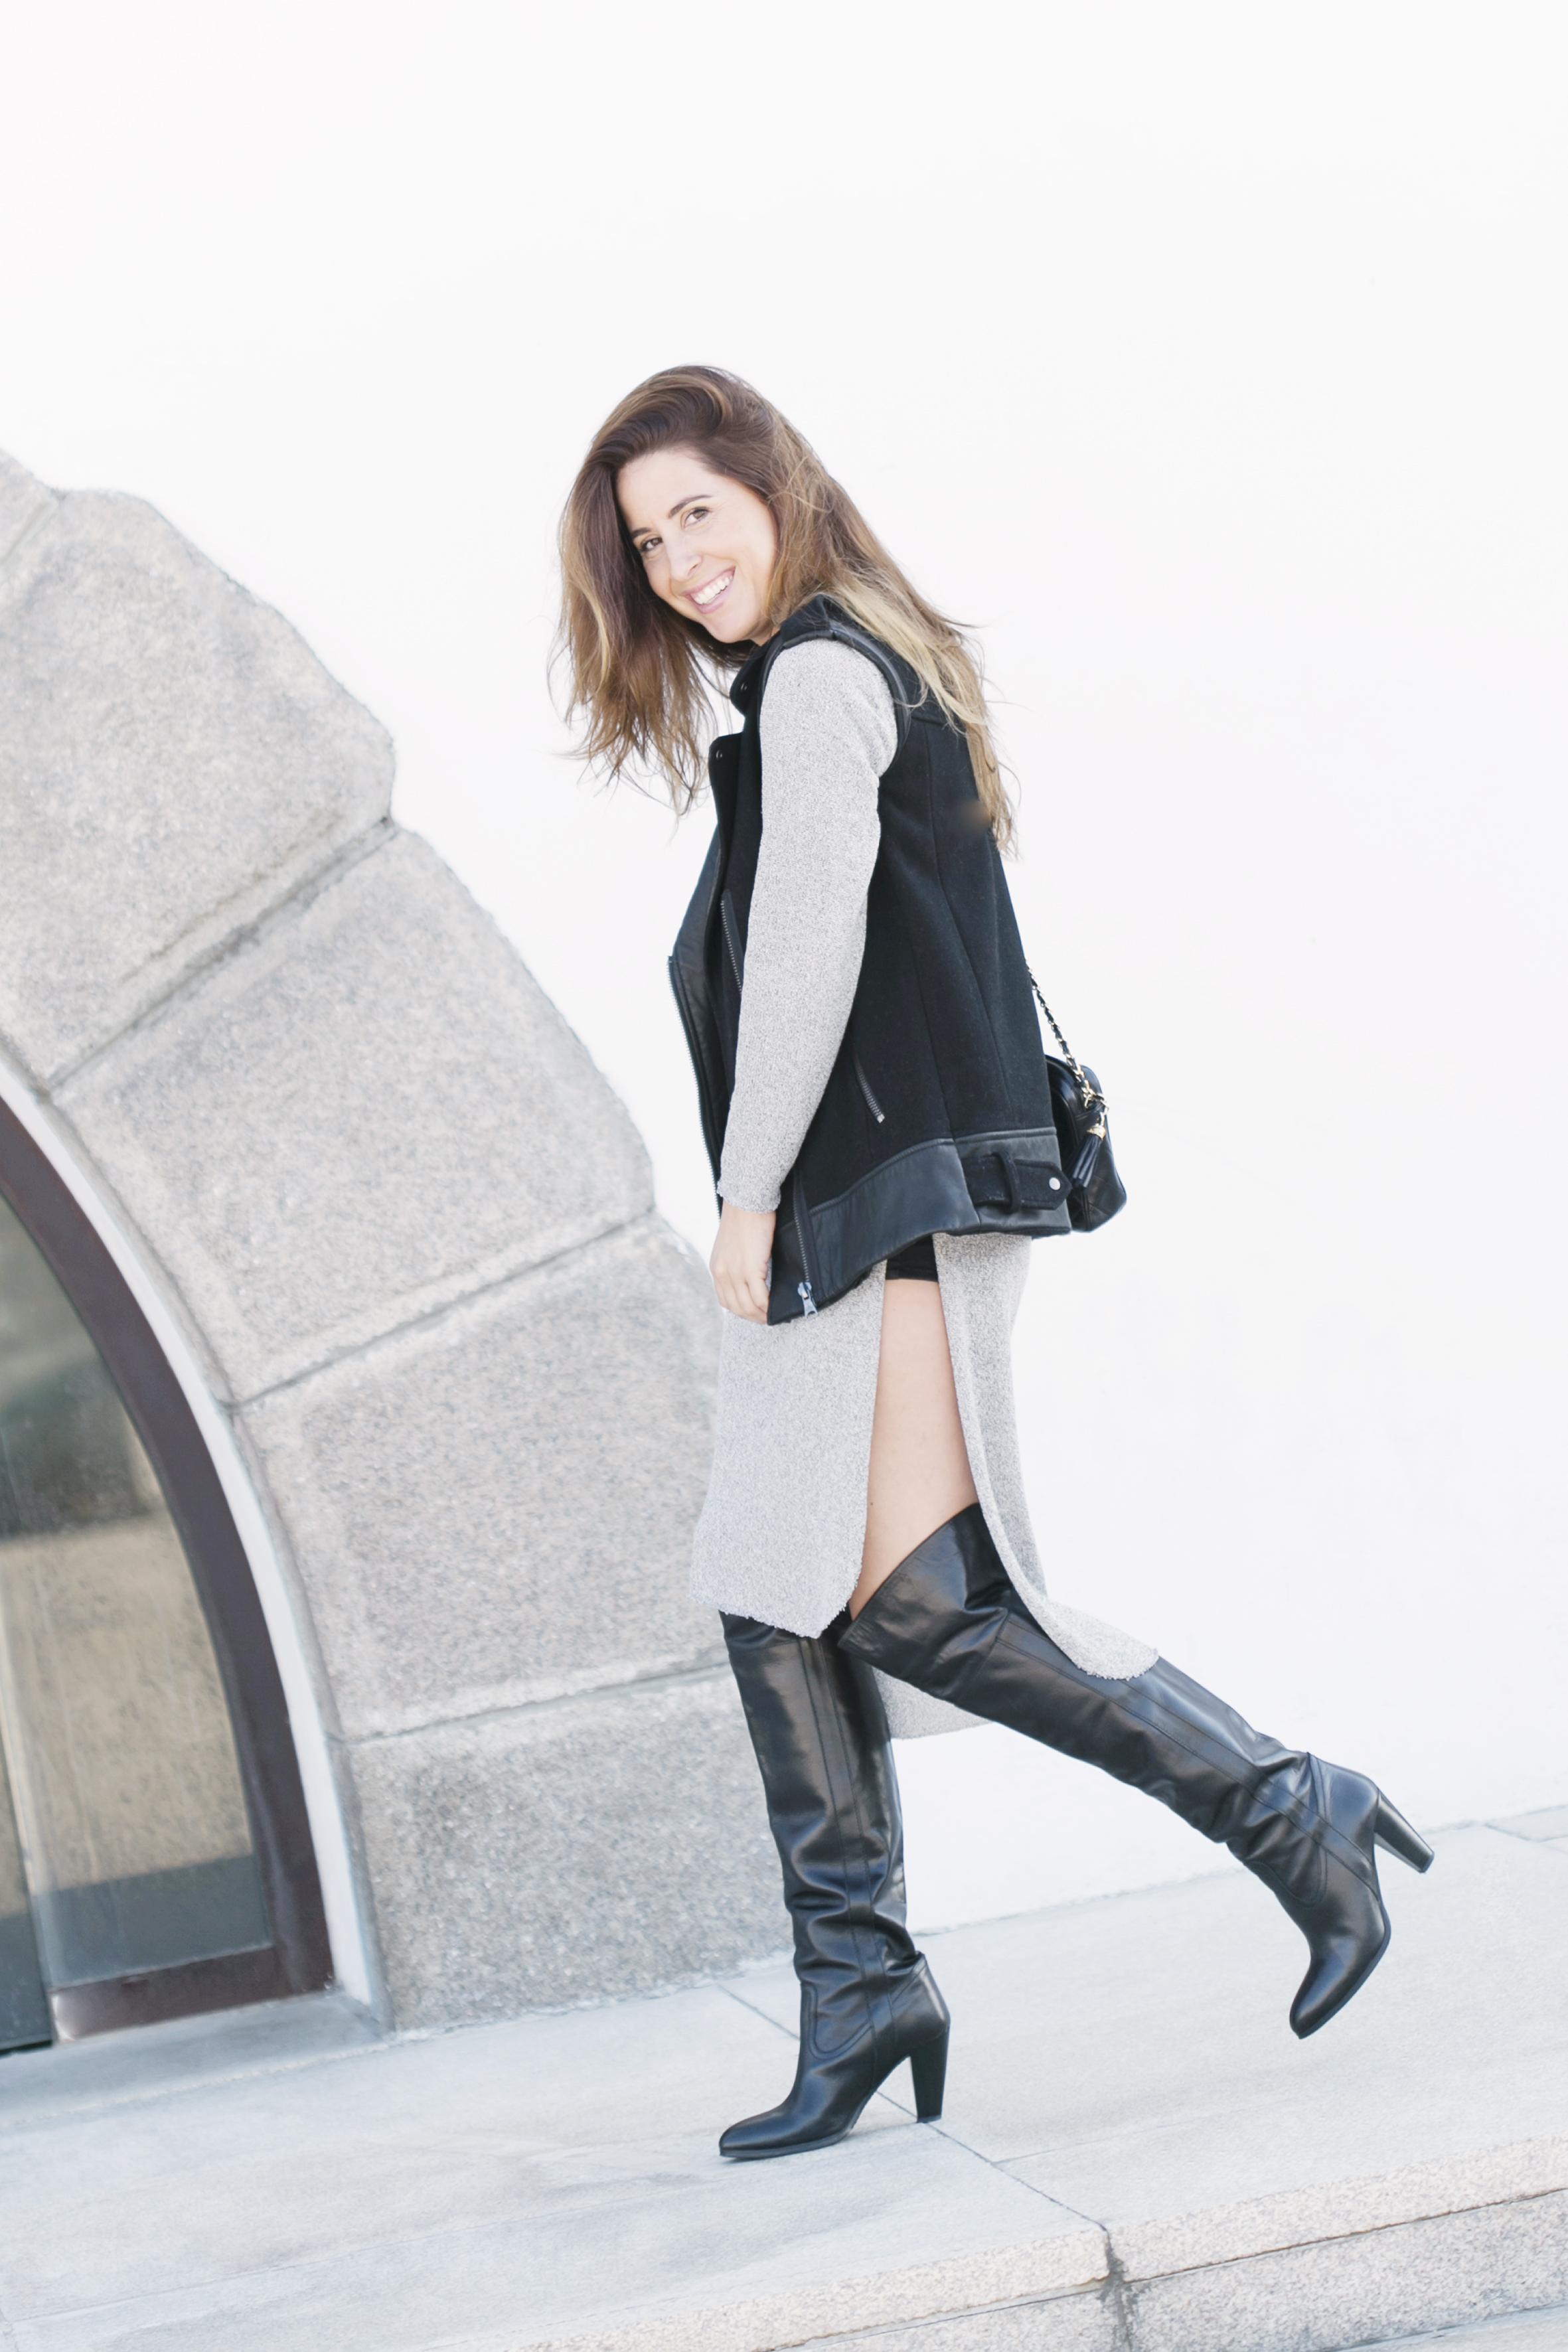 mommyblogger-zara-grey-punto-style-fashion-descalzaporelparque